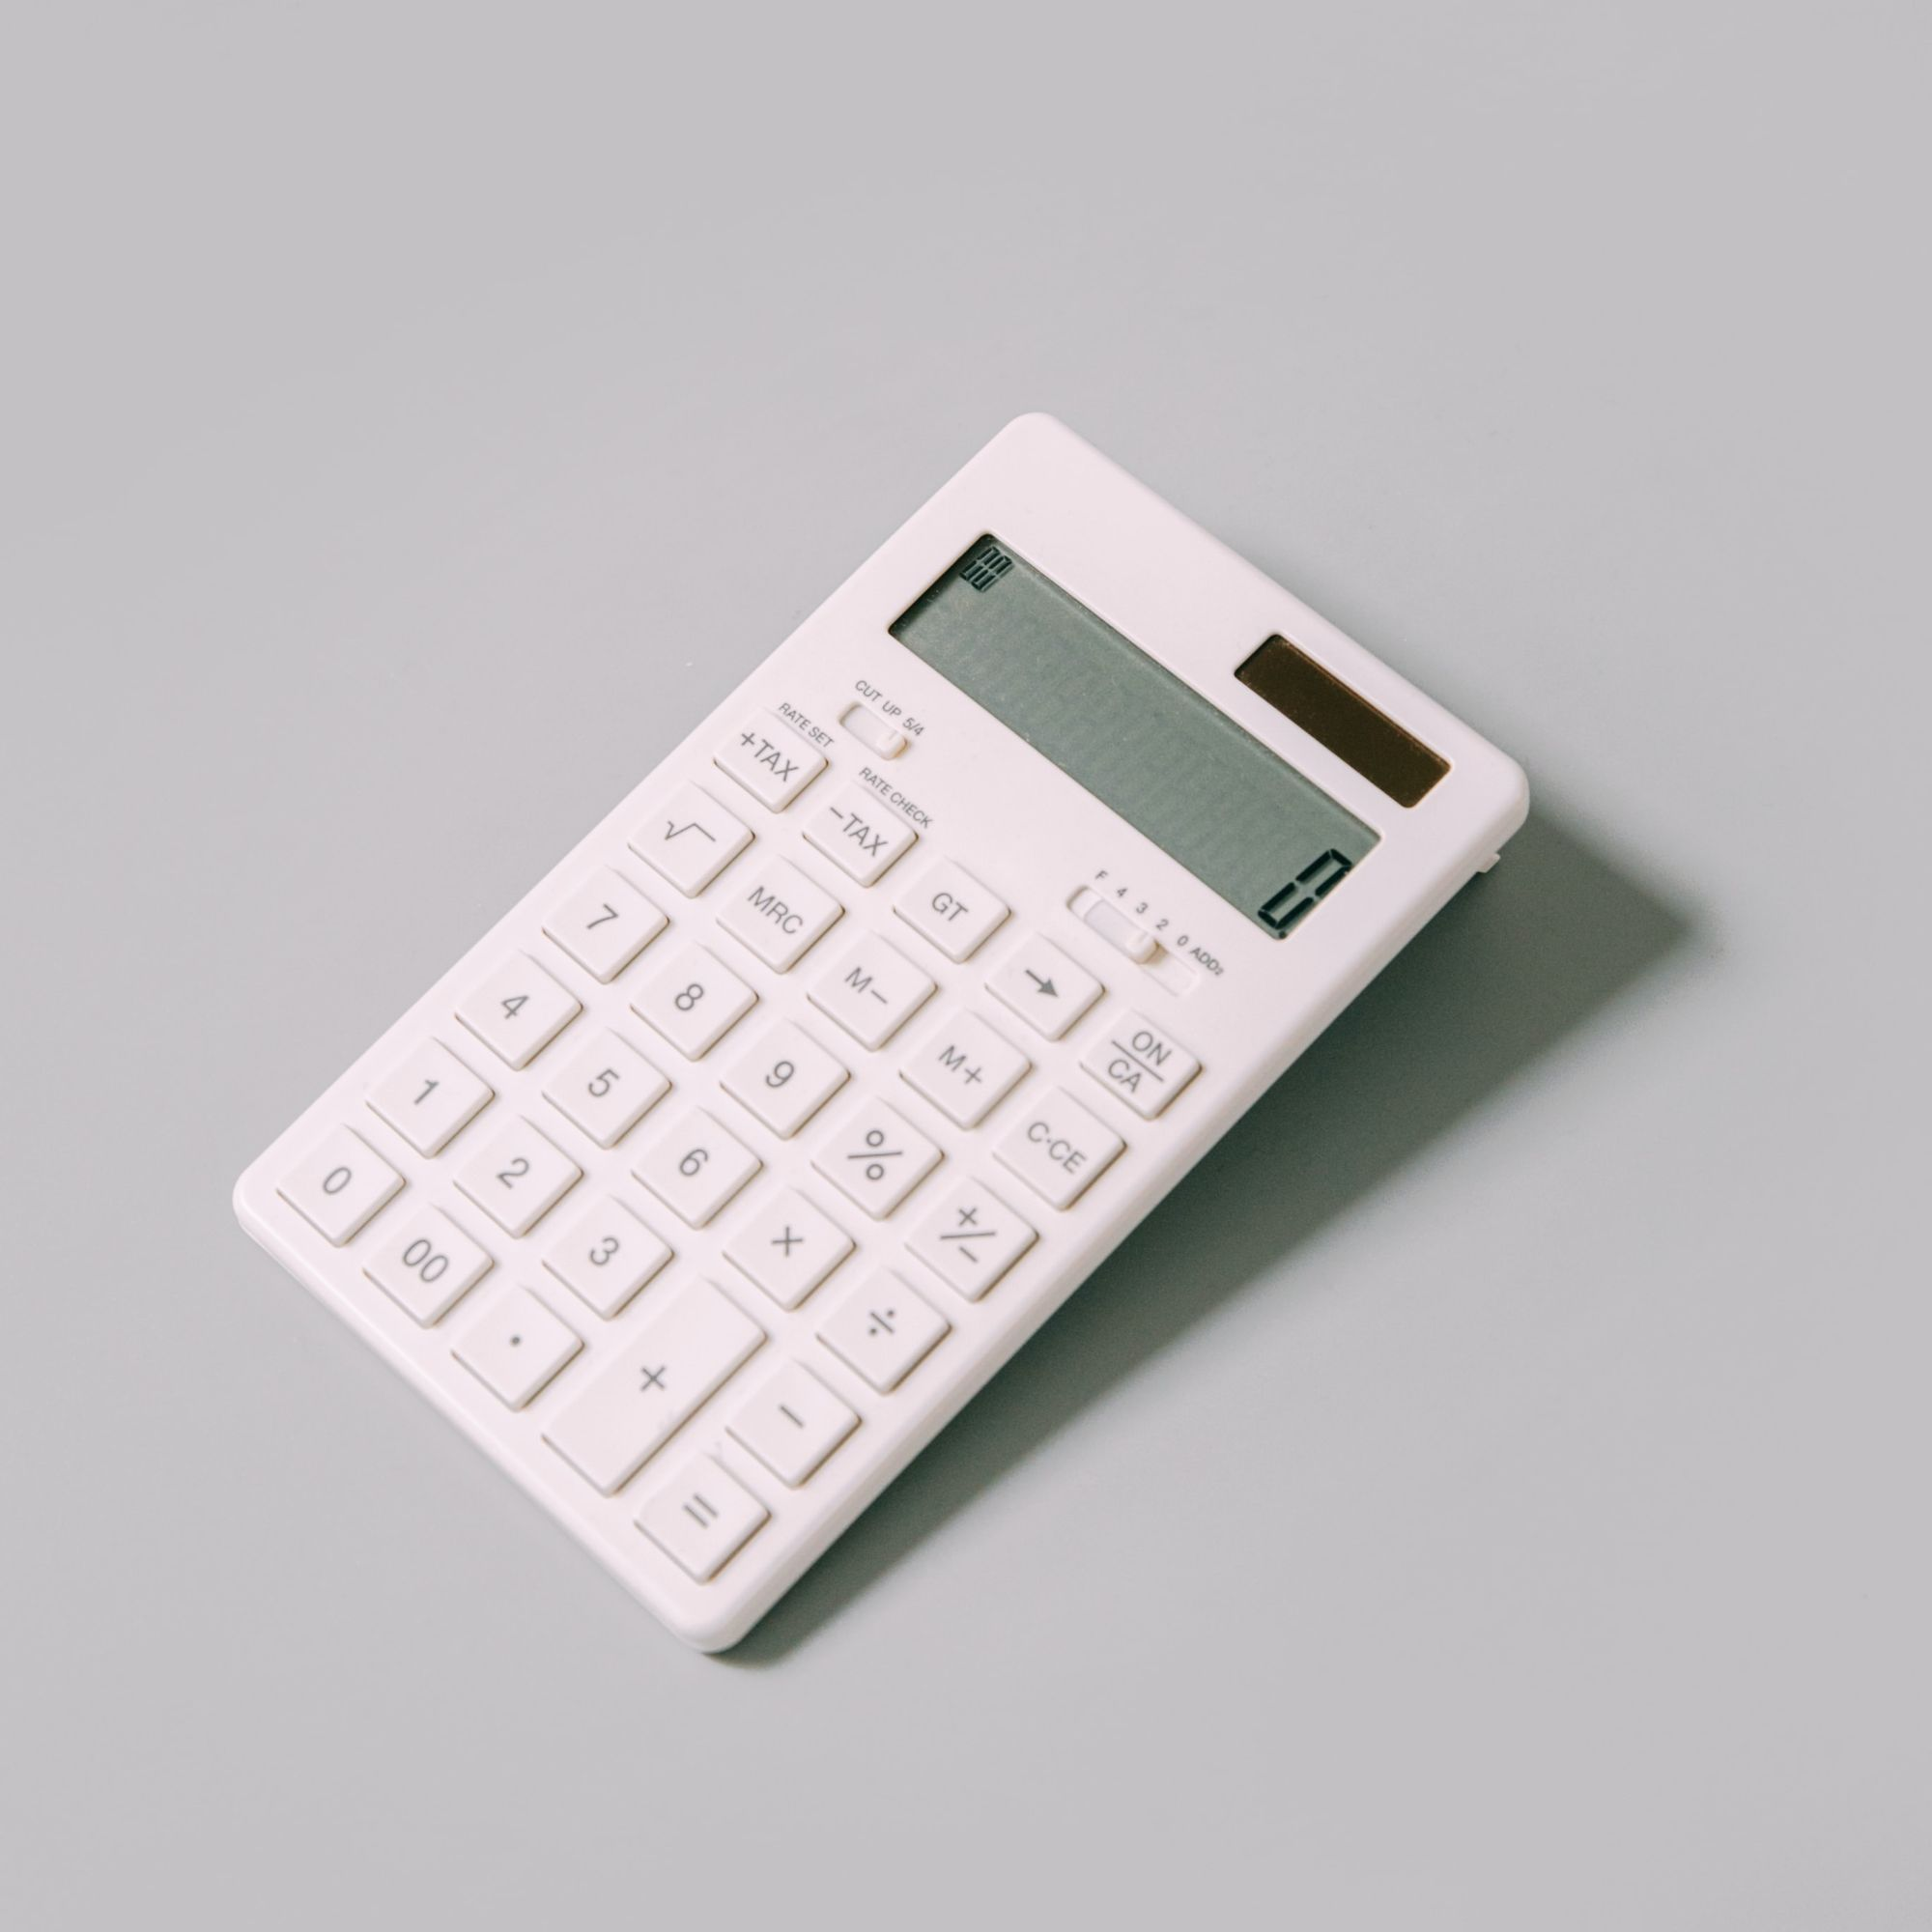 Rent vs. buy calculator home